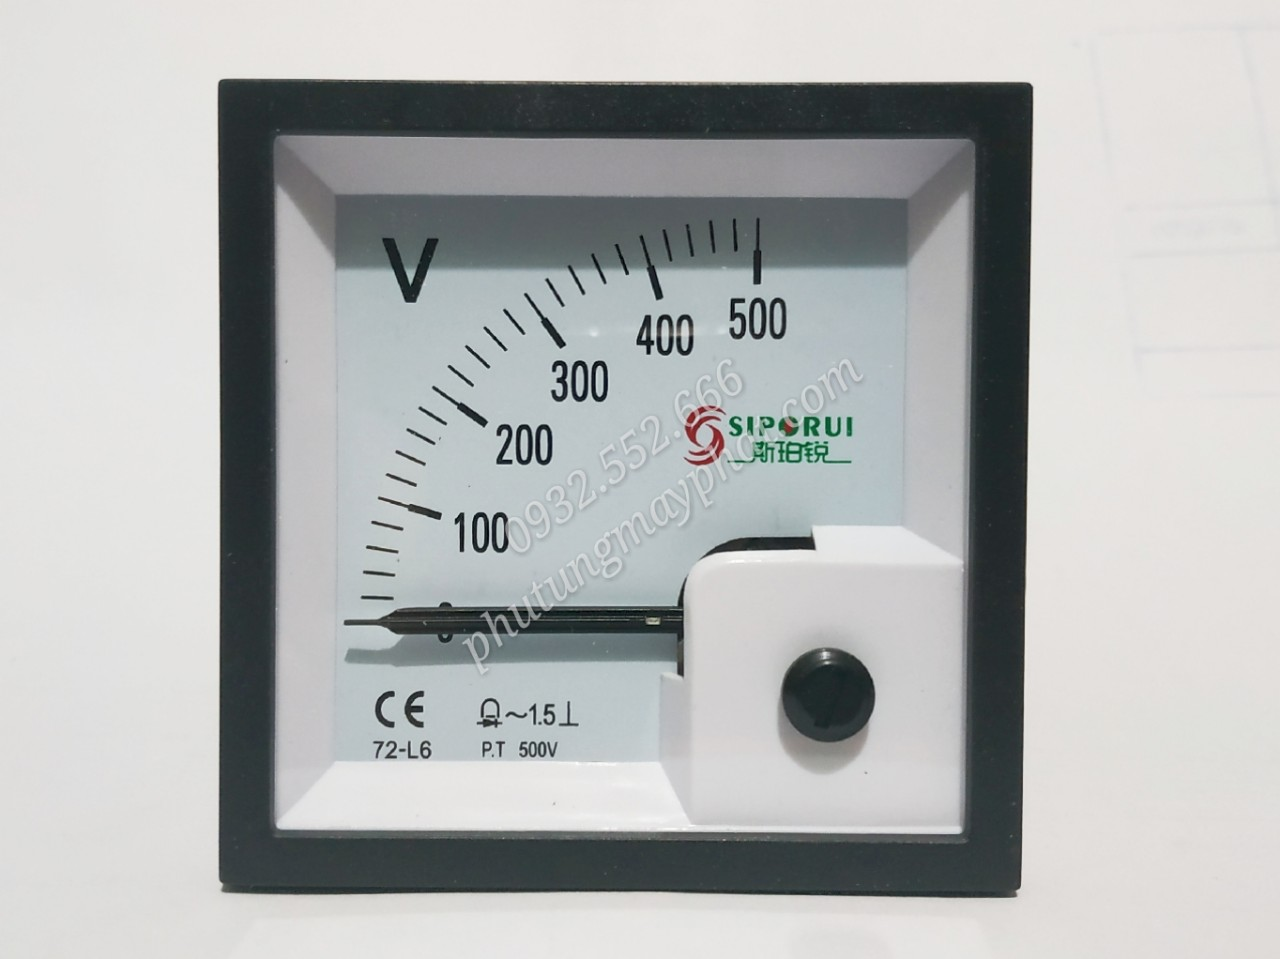 Đồng hồ hiển thị điện áp 72-L6